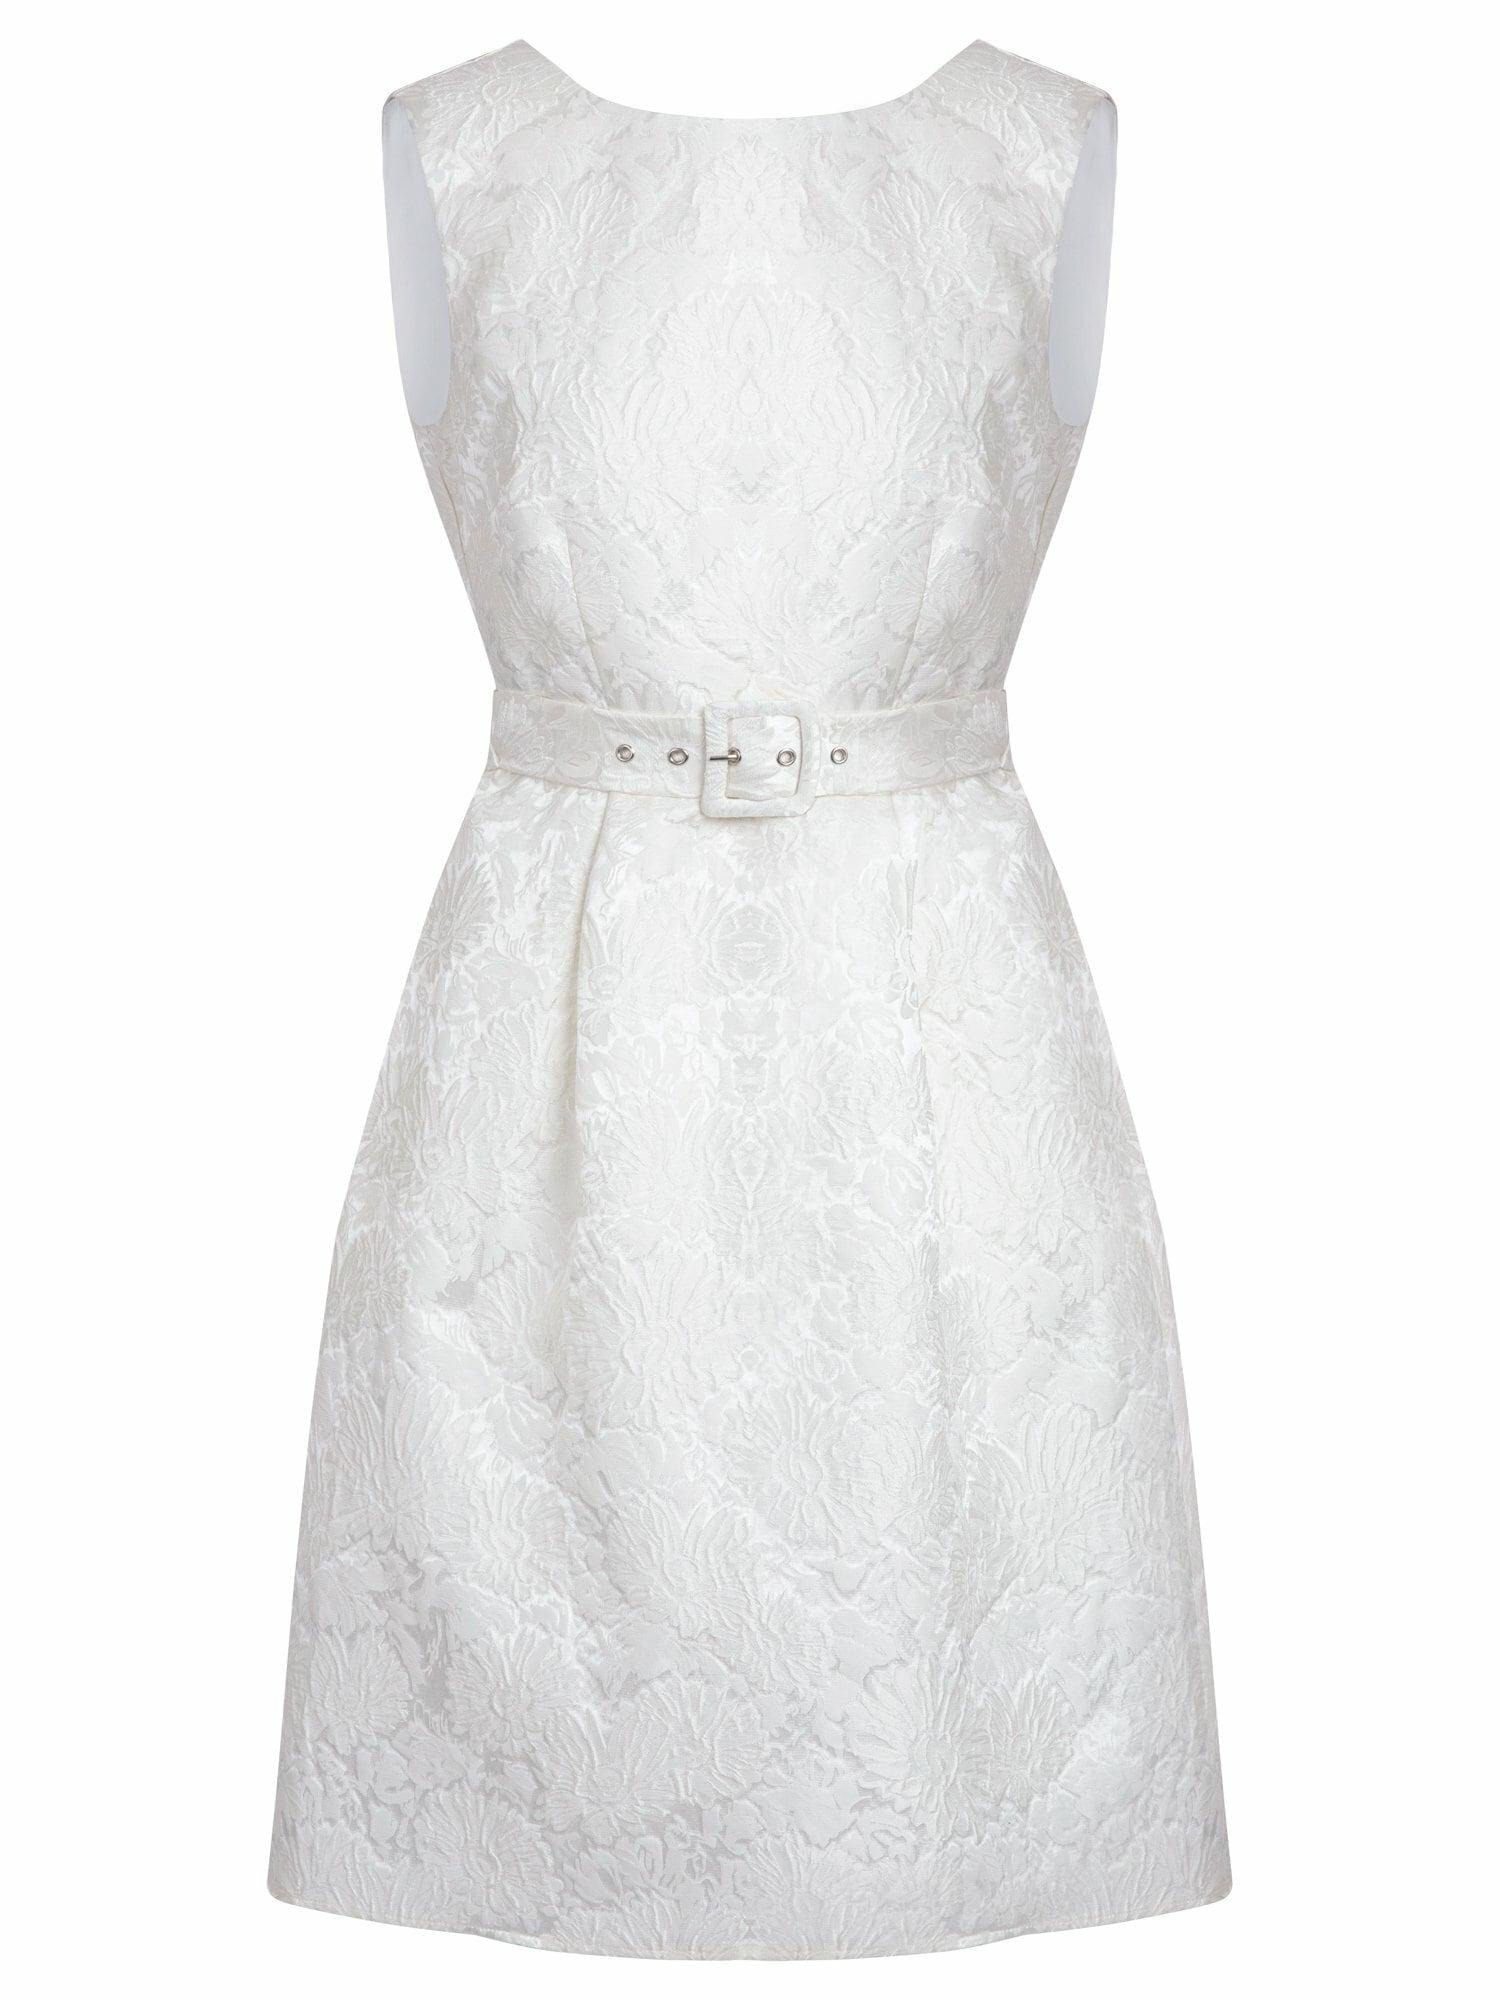 APART Suknelė balta